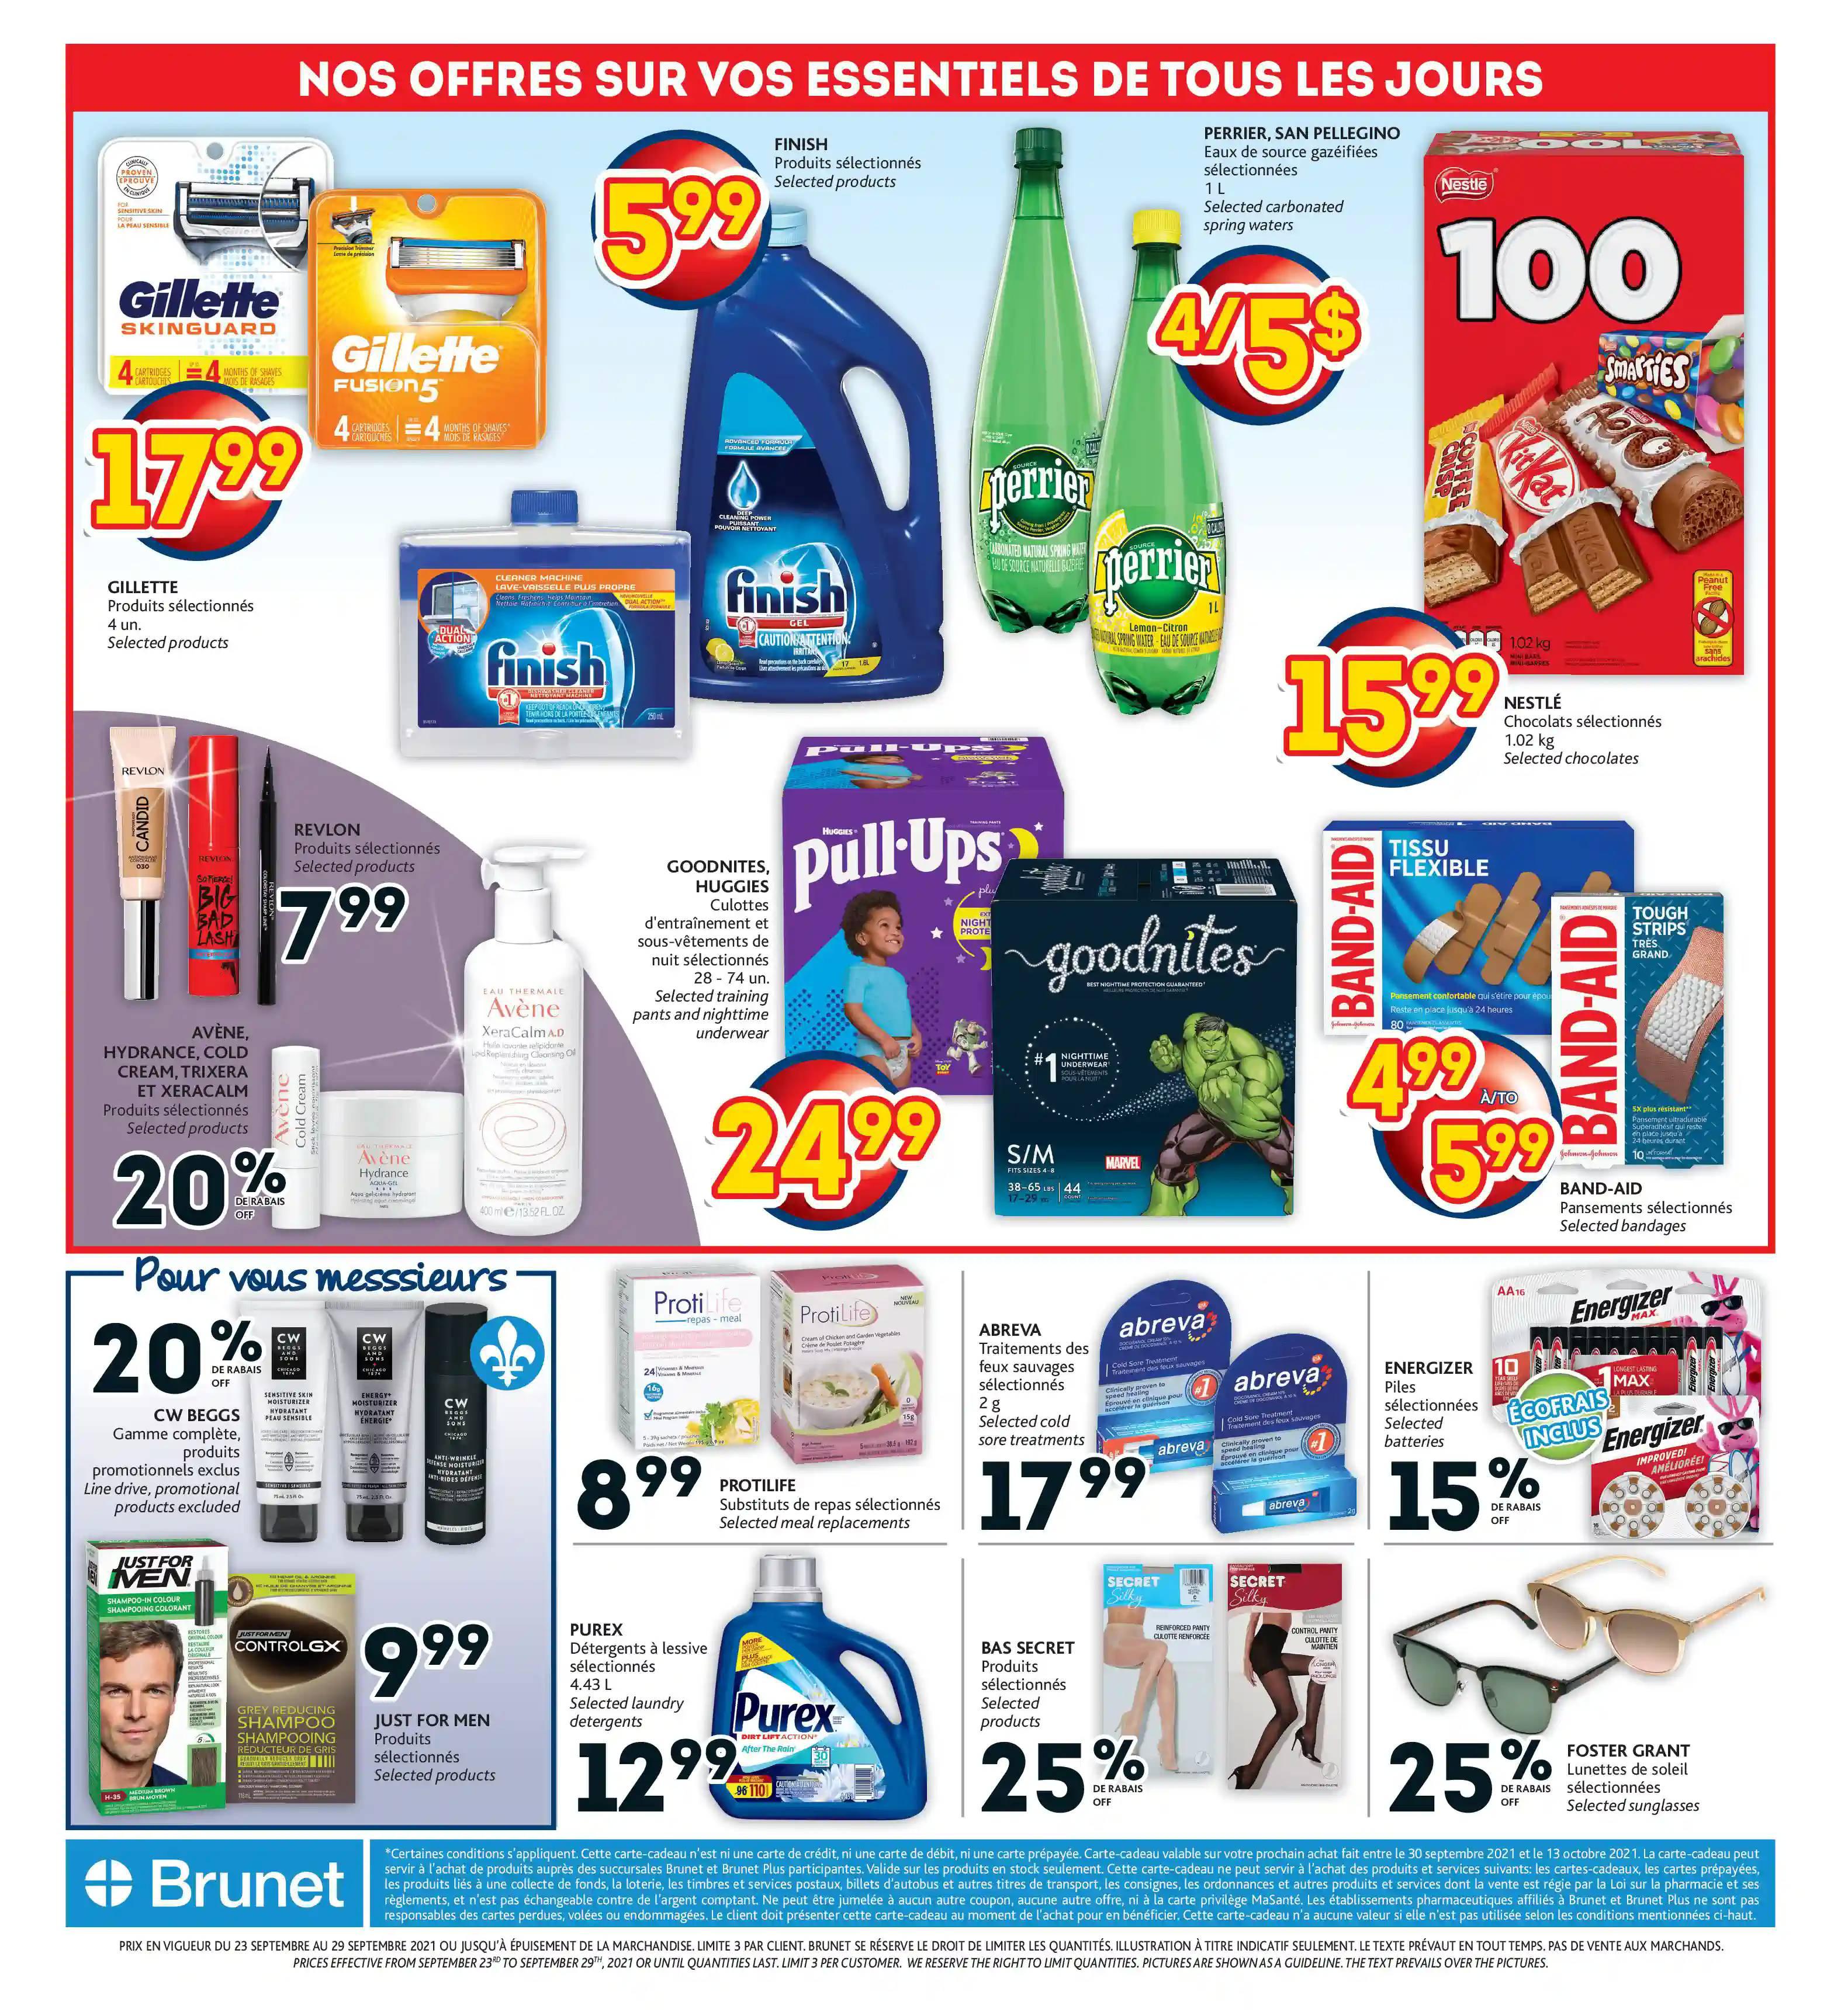 Circulaire Brunet - Pharmacie du 23 au 29 Septembre 2021 - Page 14